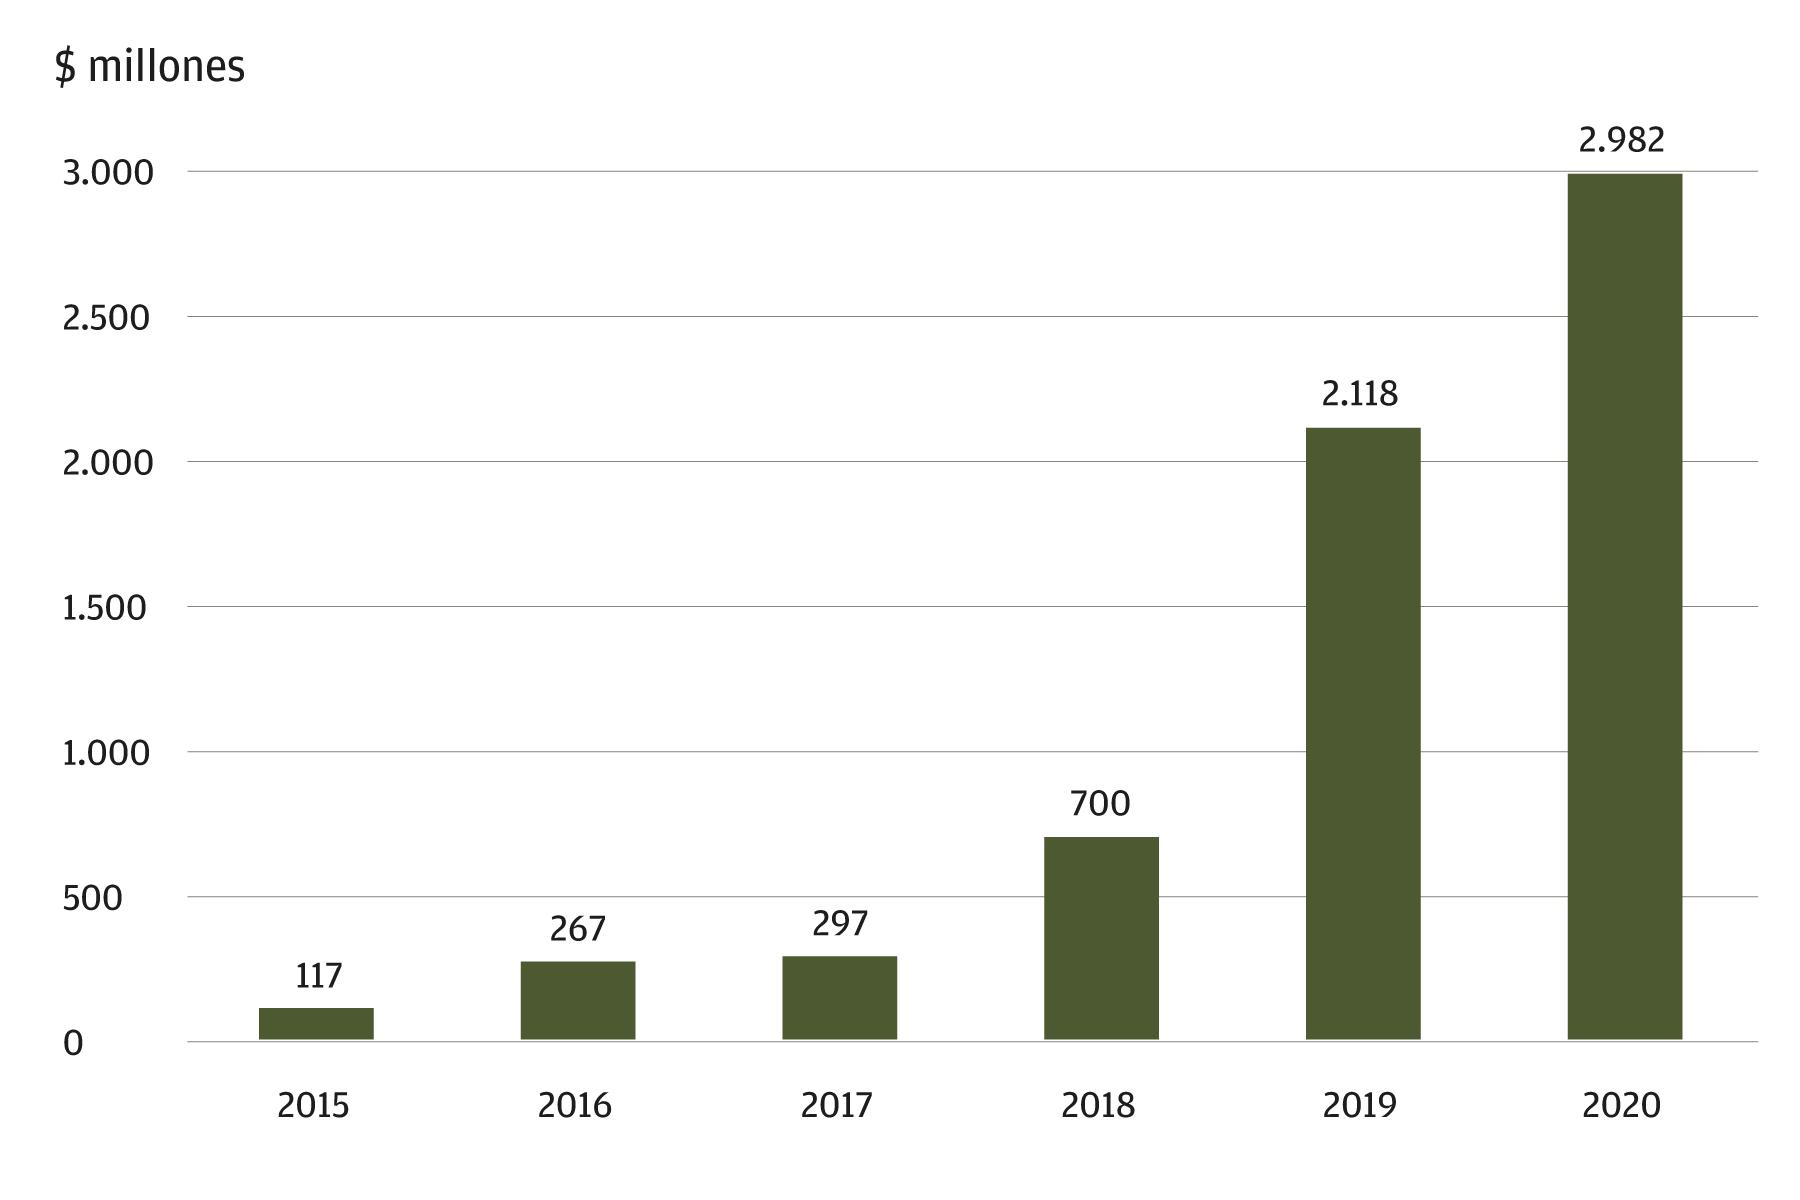 Este gráfico muestra la financiación de la tecnología financiera anual en América Latina entre 2015 y 2020 en millones de dólares estadounidenses. La financiación de la tecnología financiera ha aumentado cada año desde 2015. En 2015, el monto fue de 117 millones de dólares estadounidenses. El año más reciente incluido en el gráfico es 2020, que tuvo 2.982 millones de dólares estadounidenses de financiación de tecnología financiera.